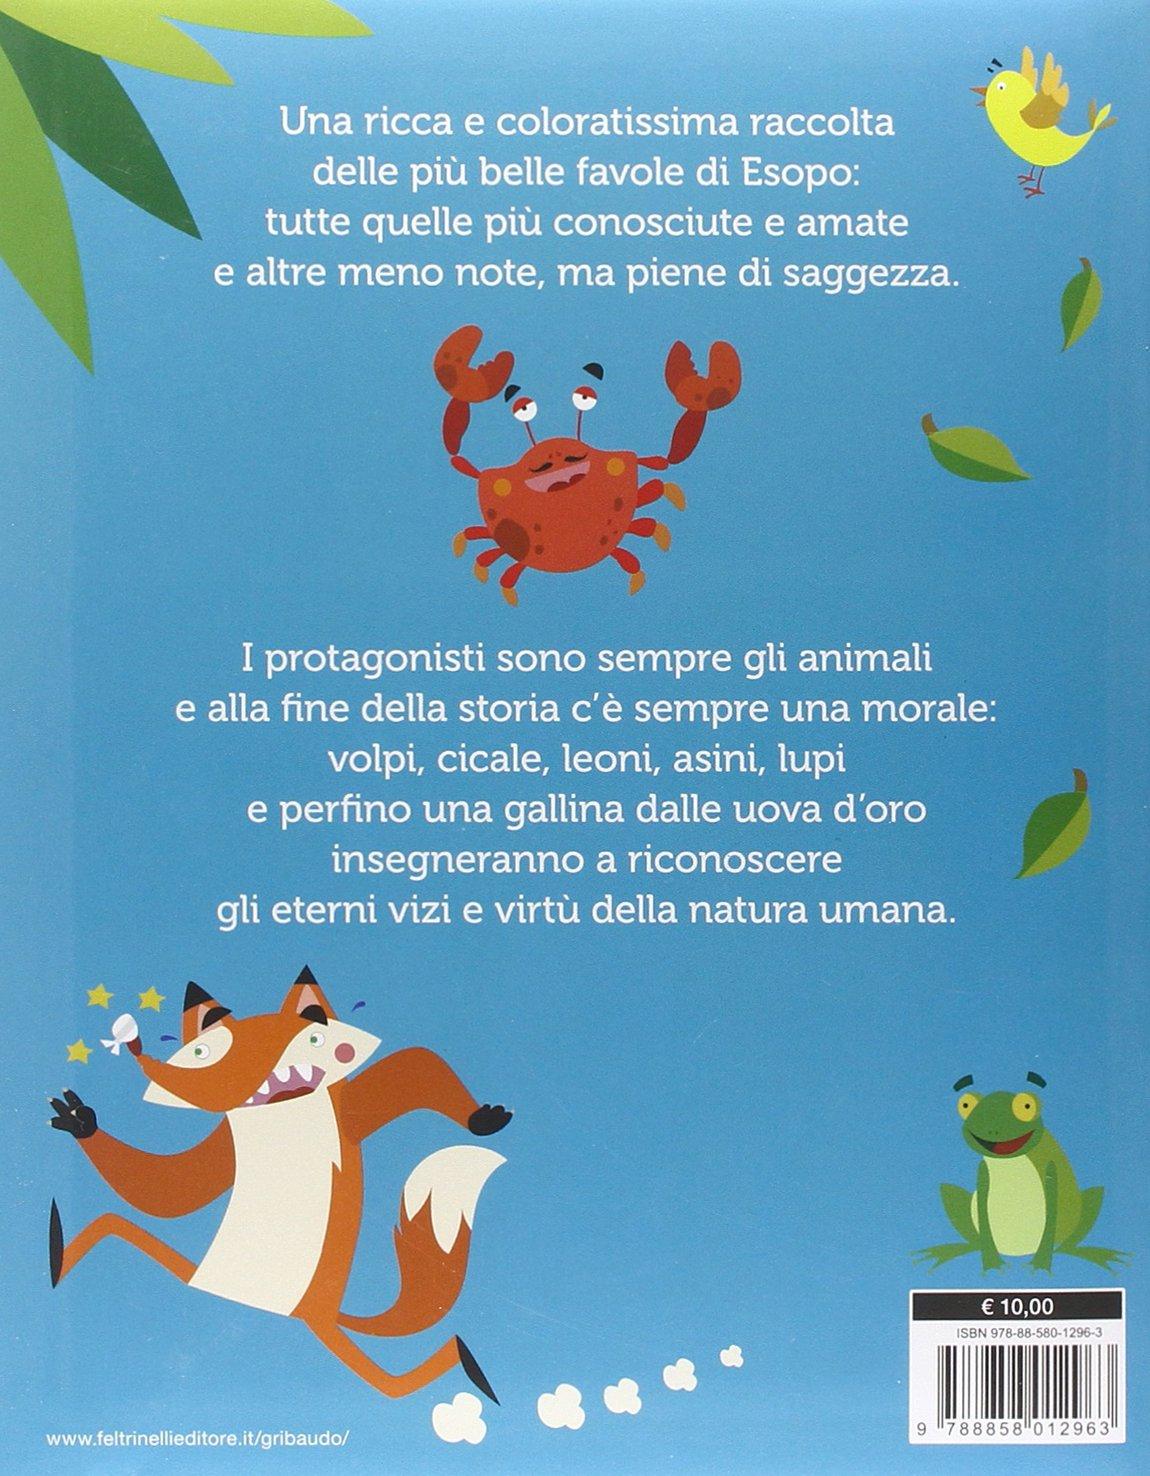 Favole Di Esopo 9788858012963 Amazoncom Books